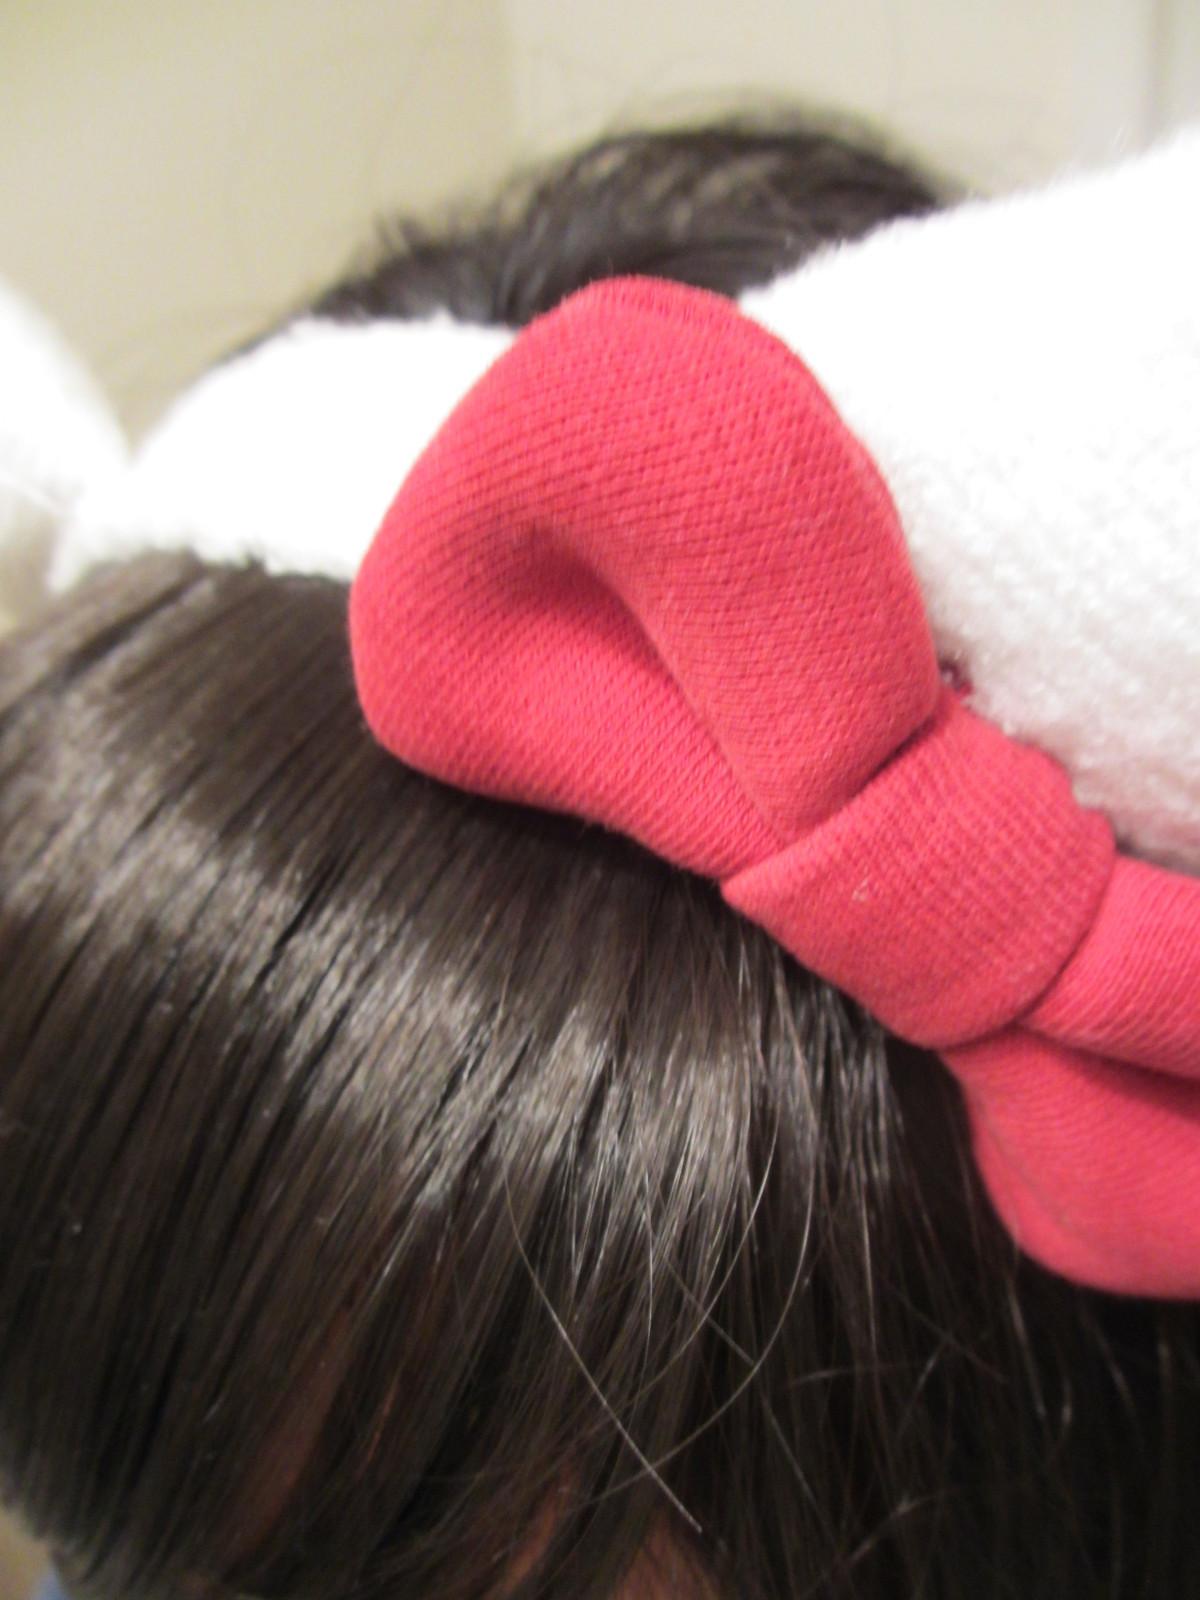 Hello Kitty Ears Headband 183 How To Make An Ear Horn